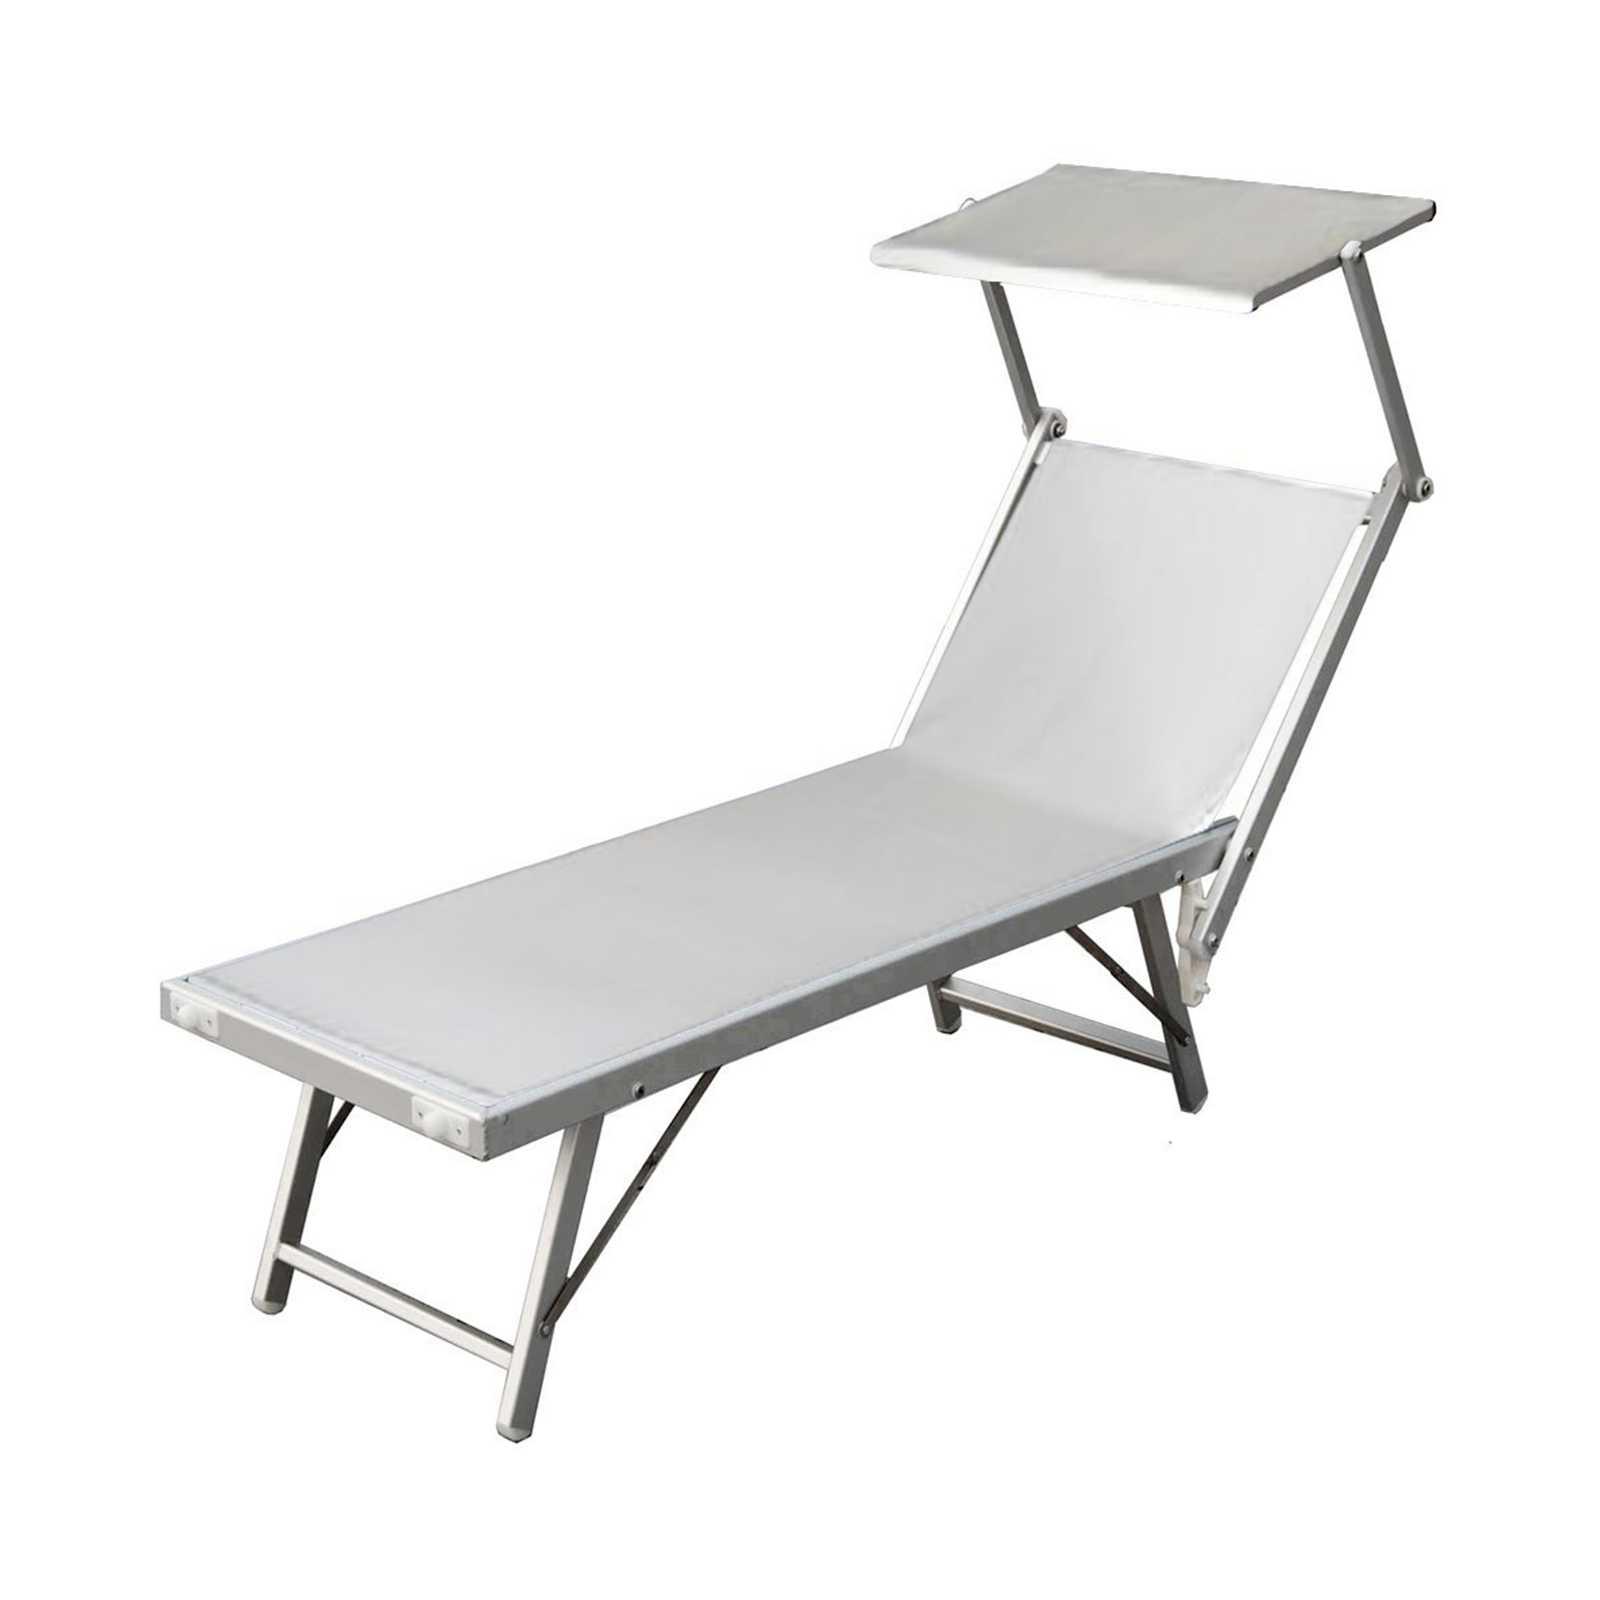 Lettino in alluminio 186x70x40h con rivestimento bianco e schermo parasole